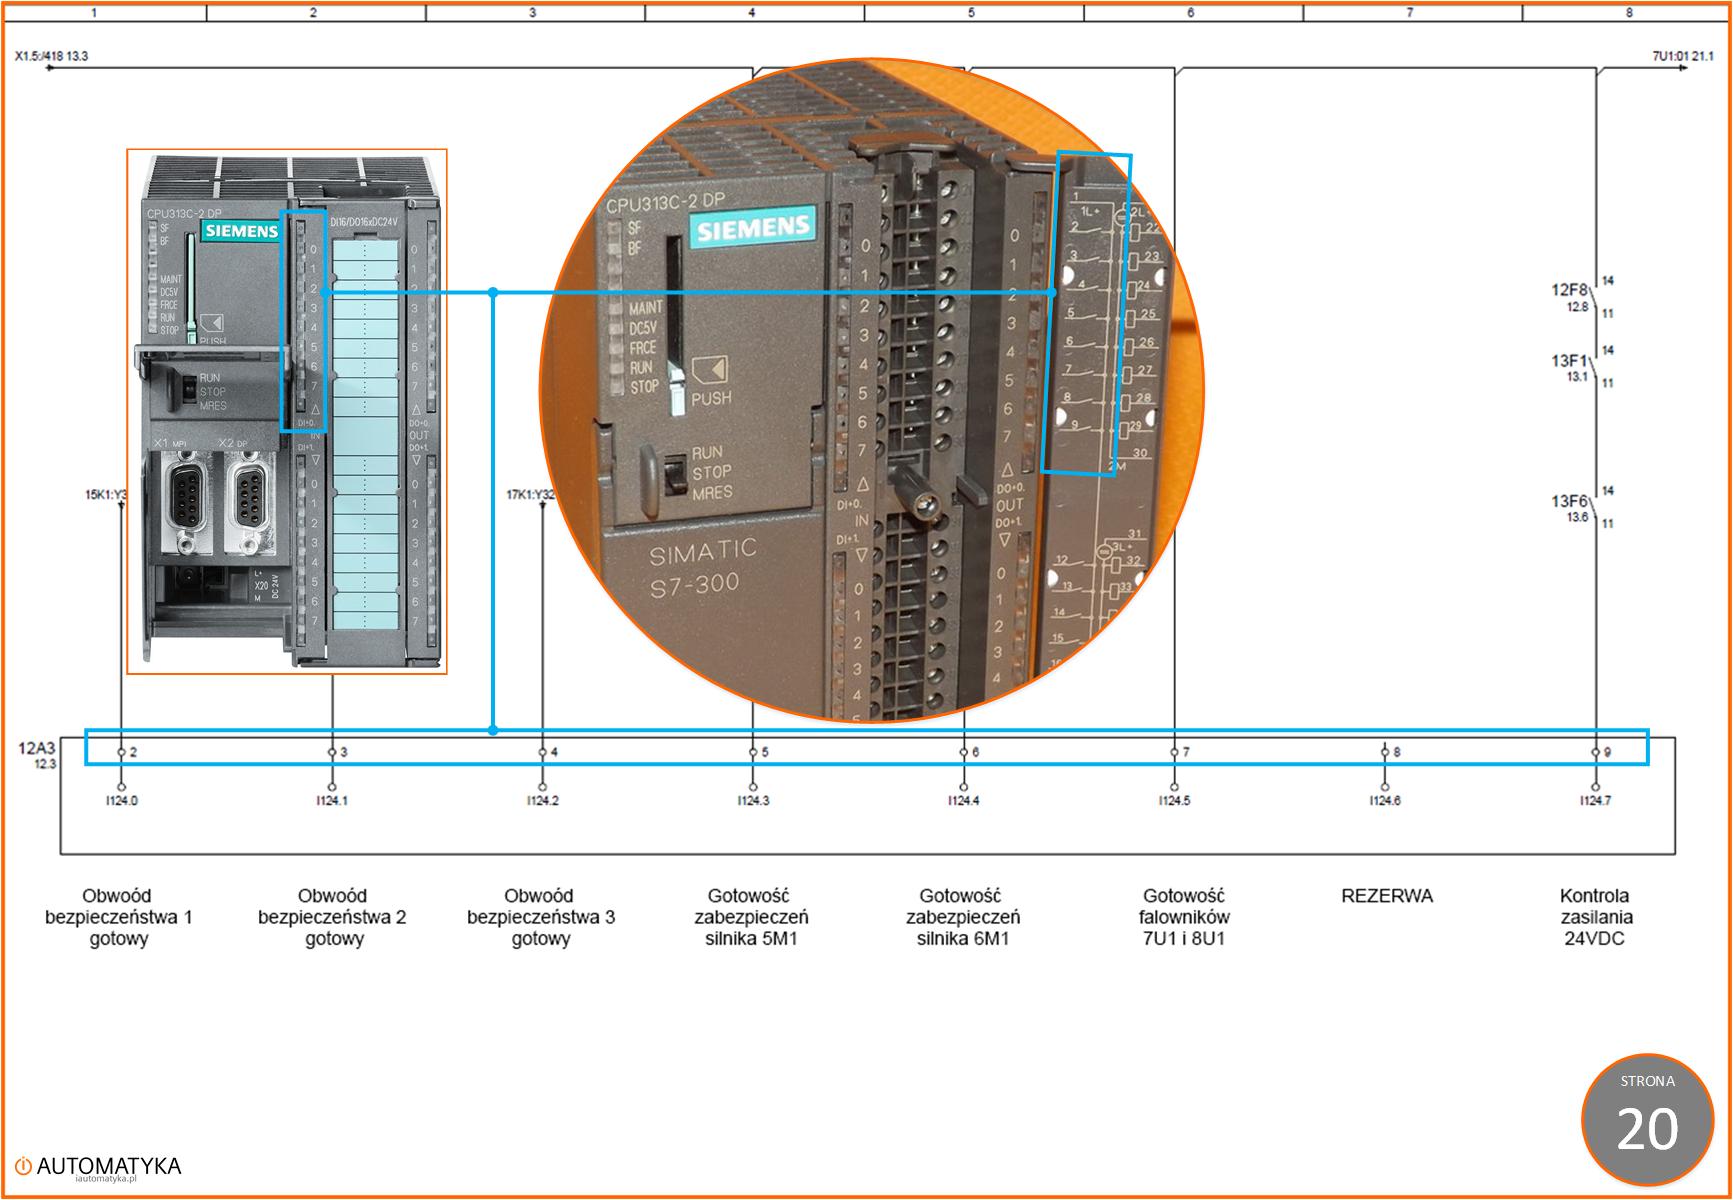 Strona 20.0 - Sterownik PLC 313C-2DP na schemacie elektrycznym automatyki - Wejscia cyfrowe 1.2